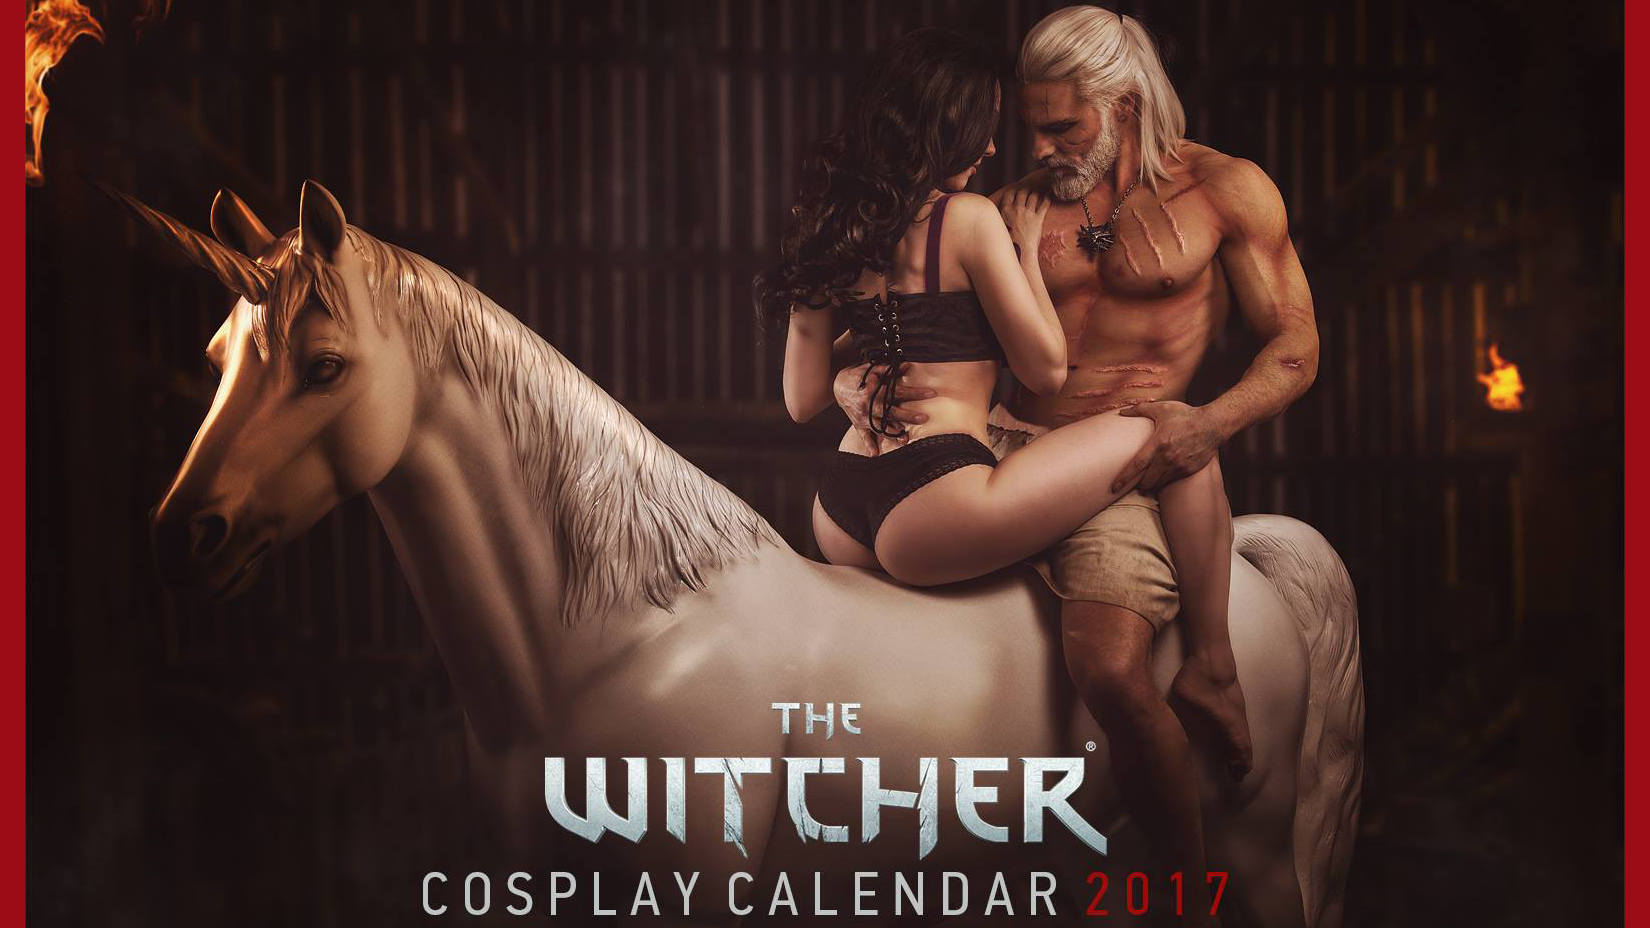 köpa kalender